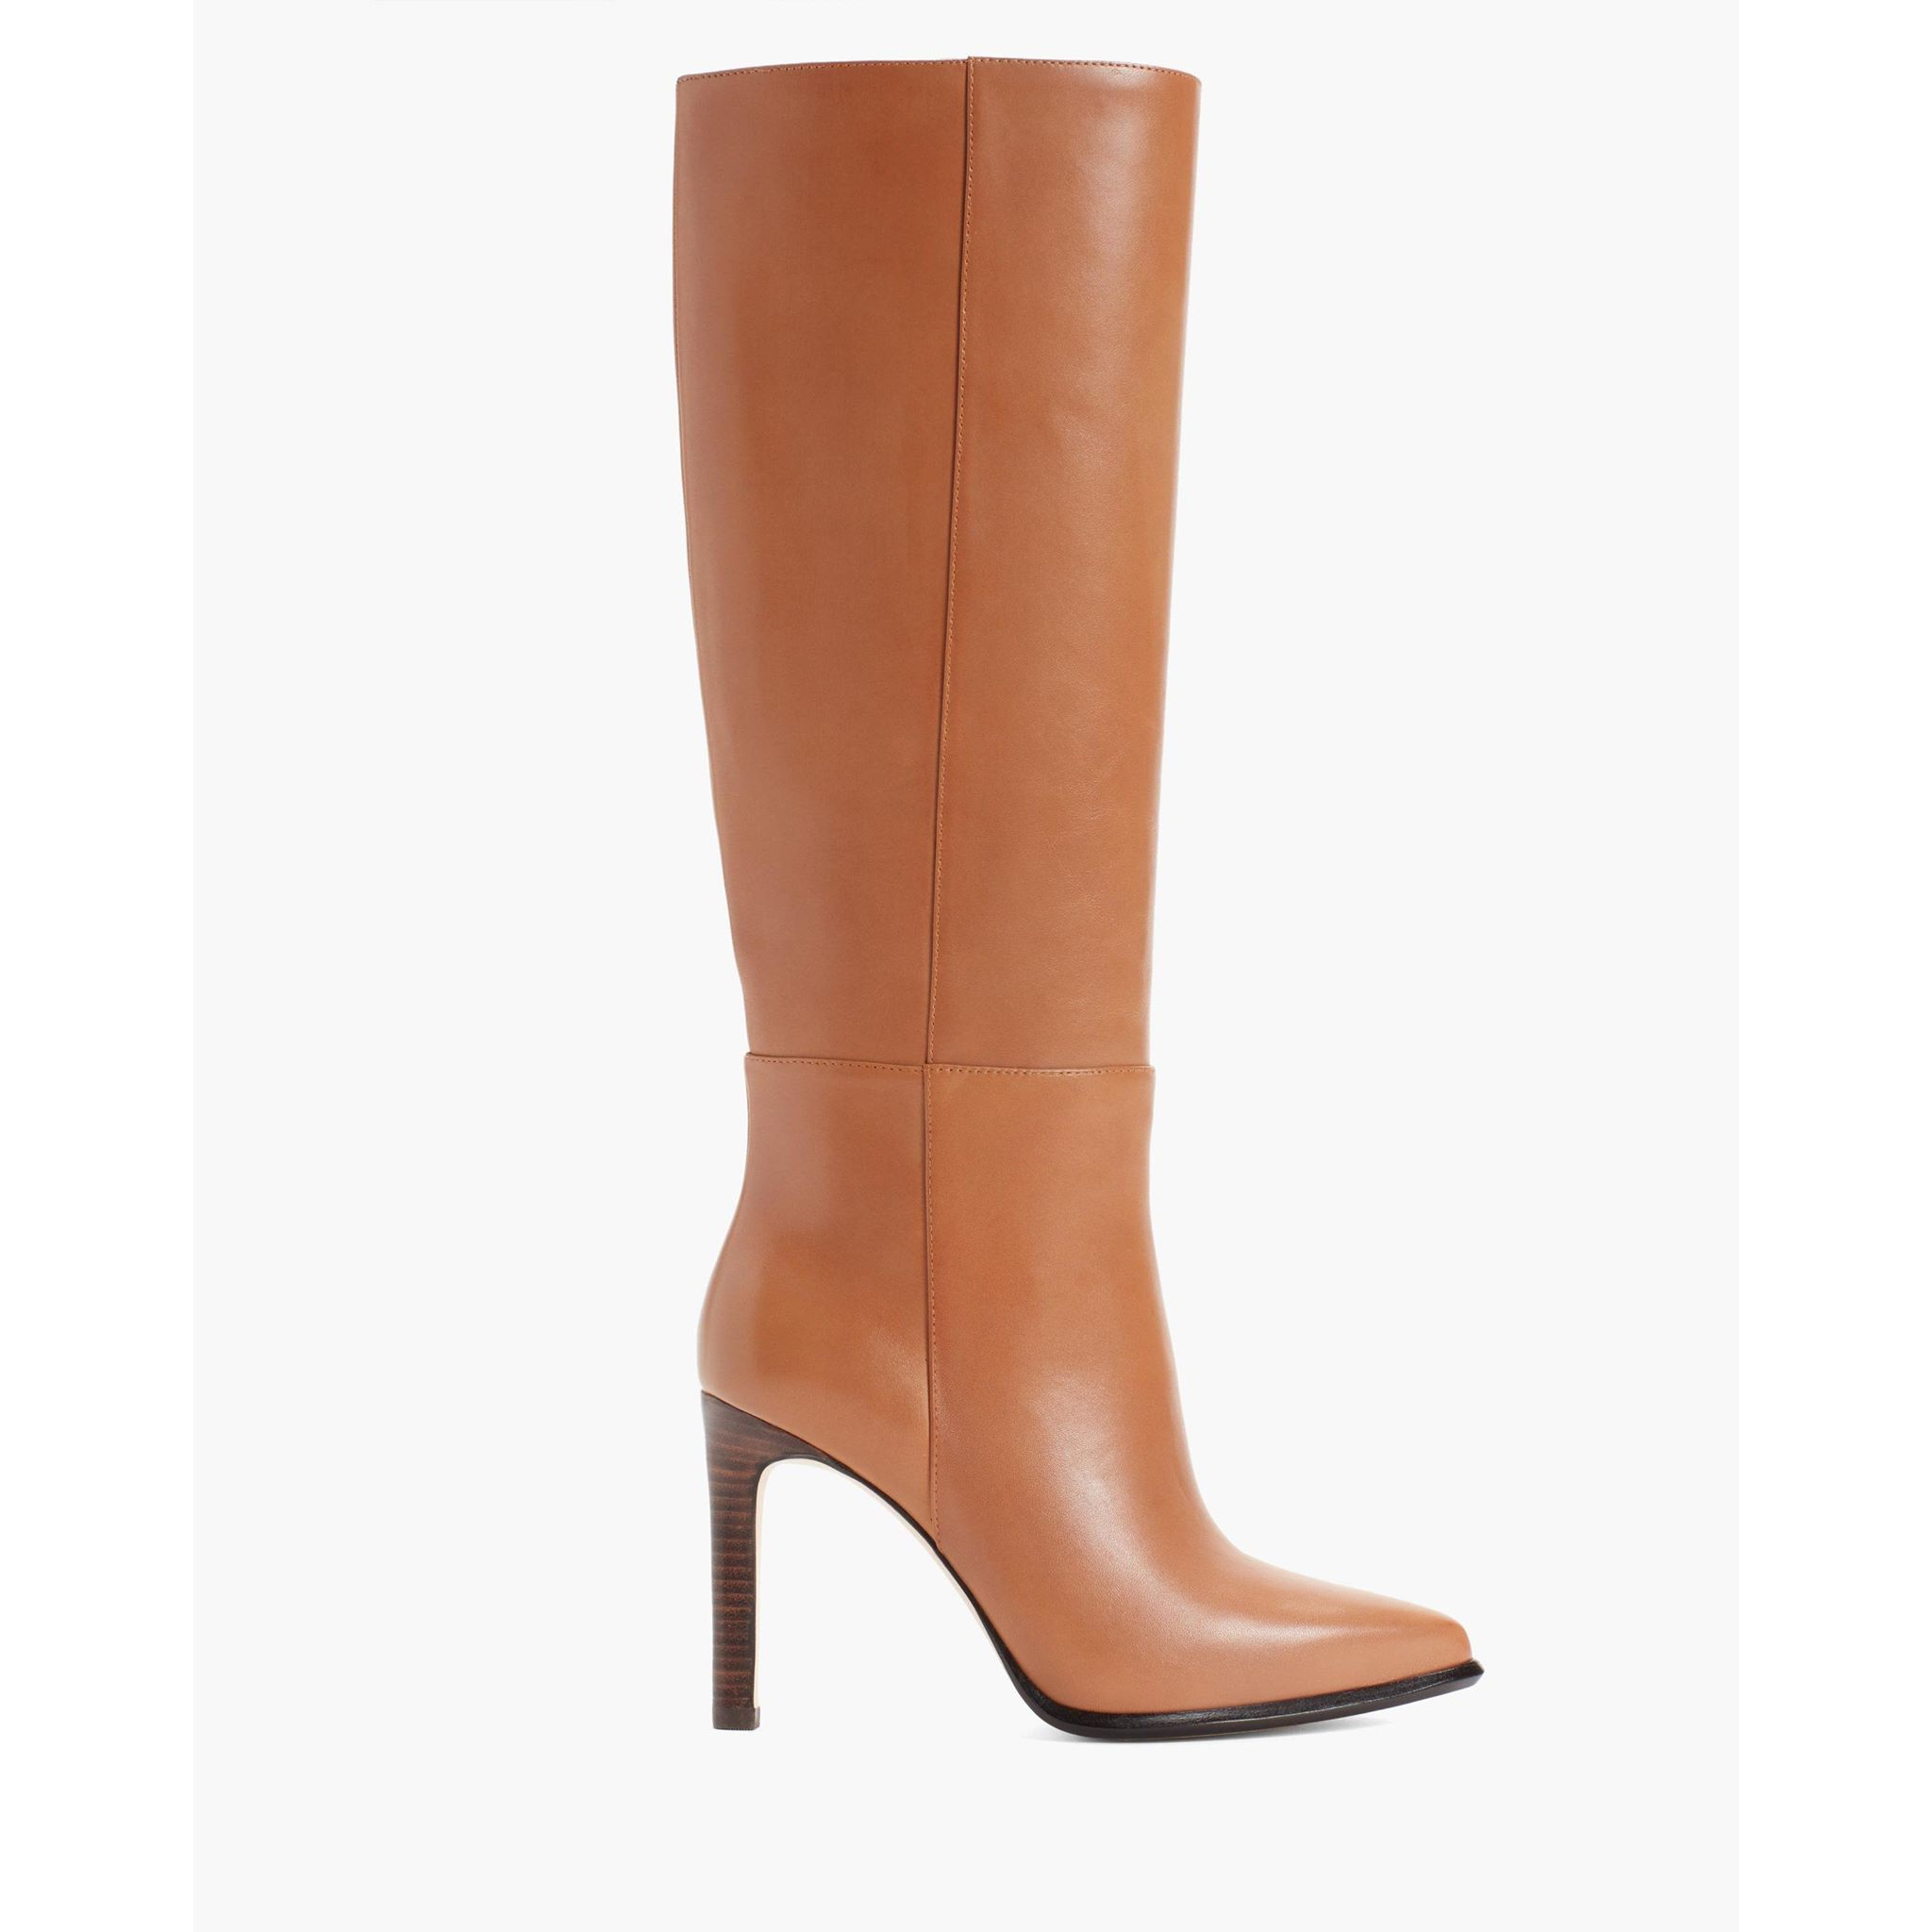 PAIGE Women's Hannah Boot - Caramel | Ultra High Heel Shoes (4